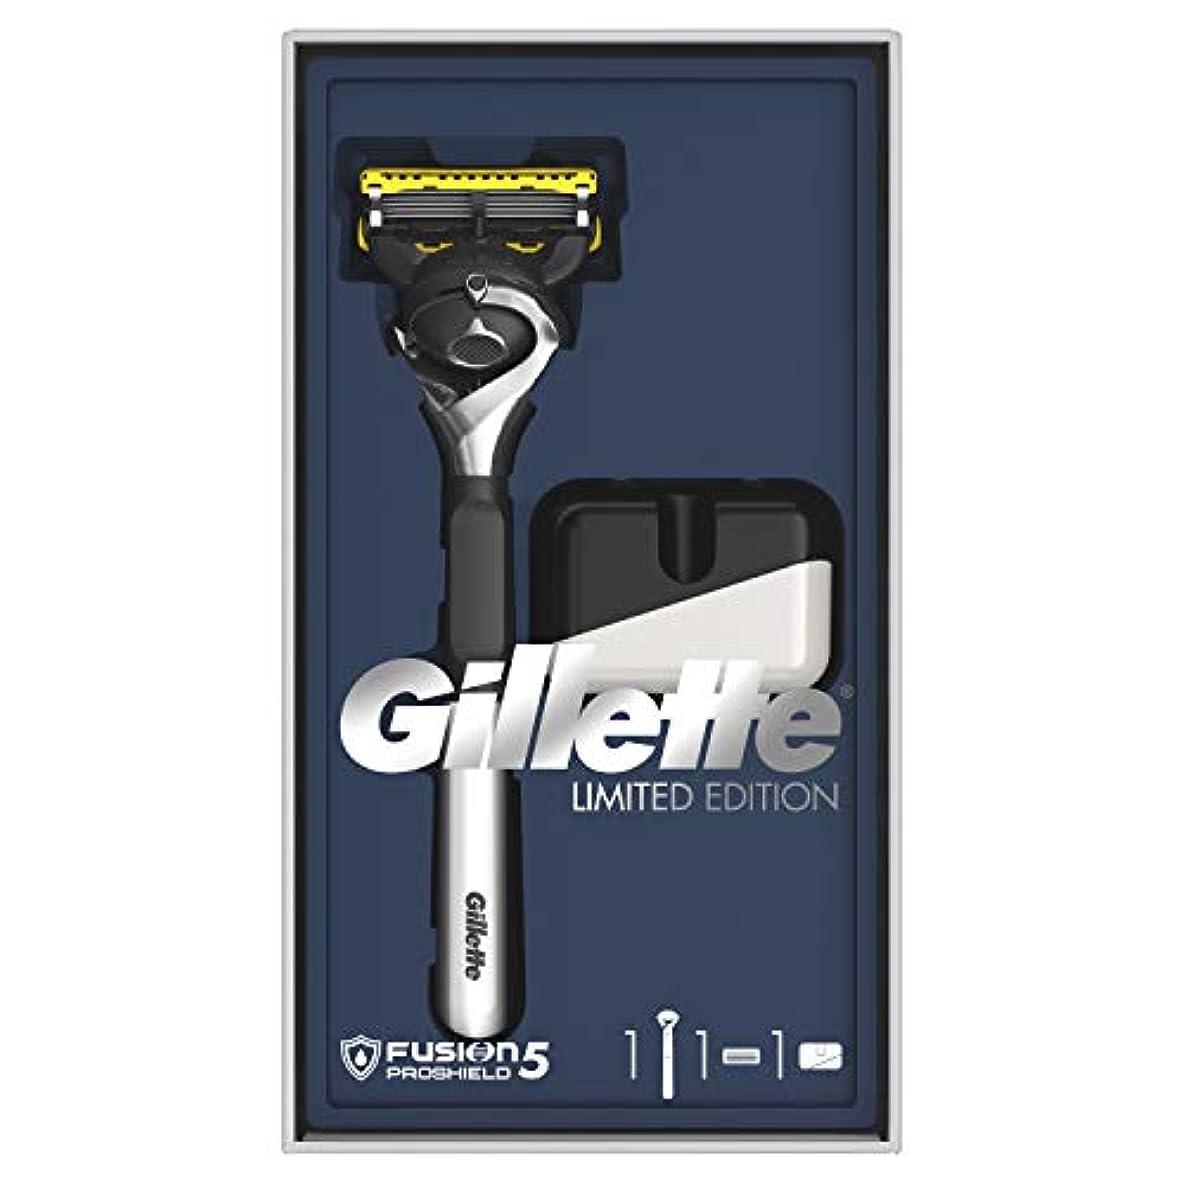 肥満ミニ阻害するジレット プロシールド 髭剃り本体+替刃1個 オリジナルスタンド付 スペシャルパッケージ